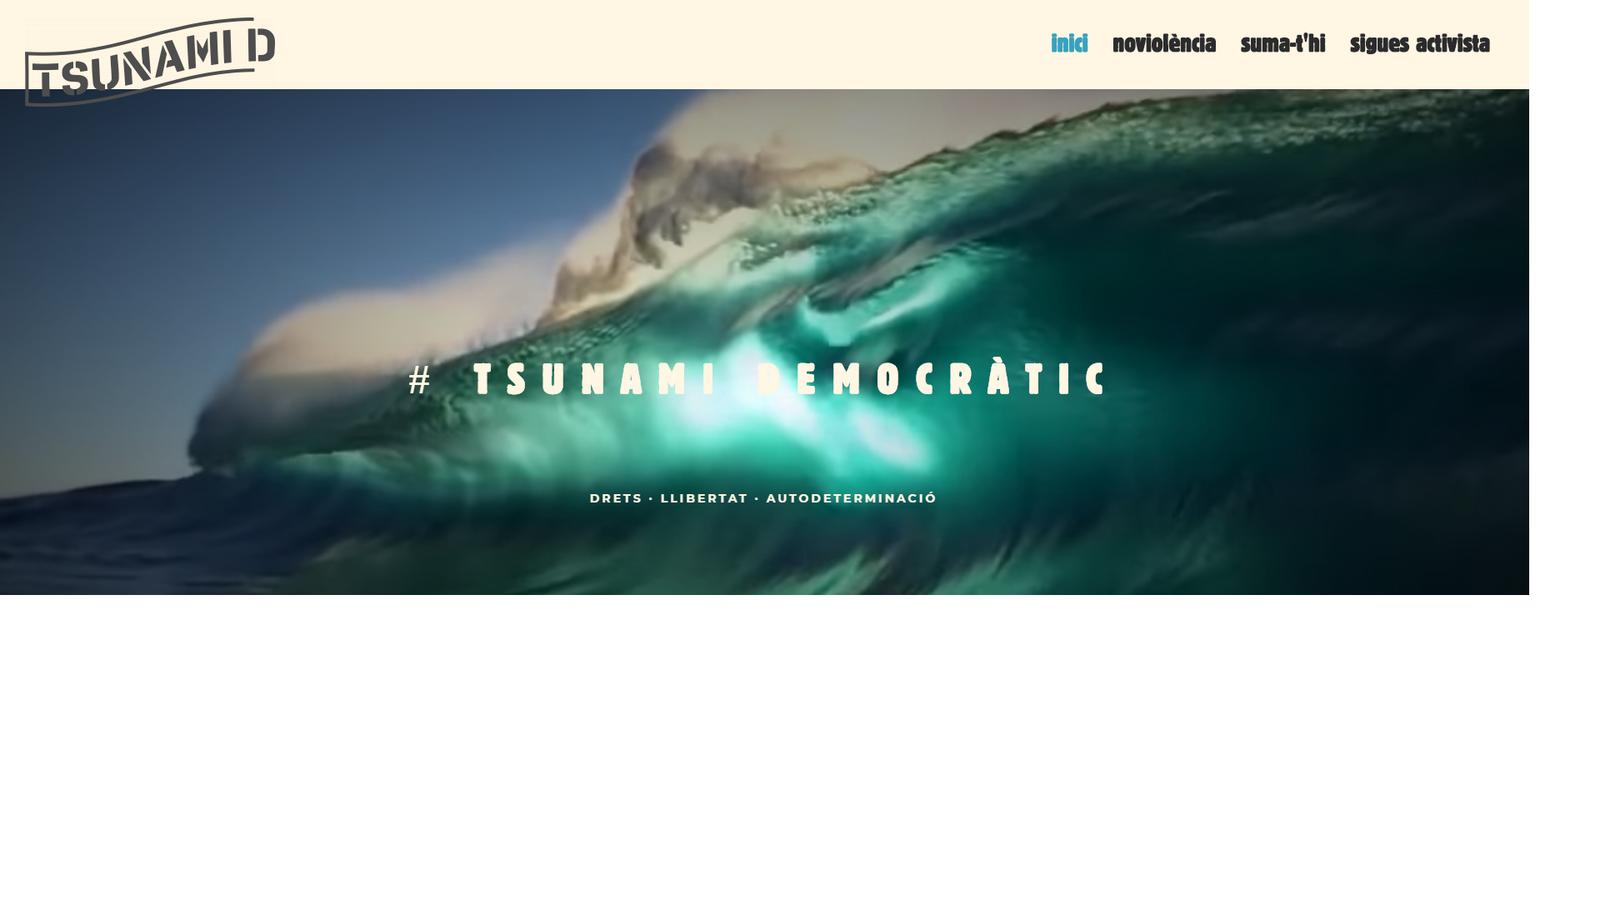 La Guàrdia Civil tanca les pàgines de Tsunami democràtic i la plataforma les reobre amb un altre domini